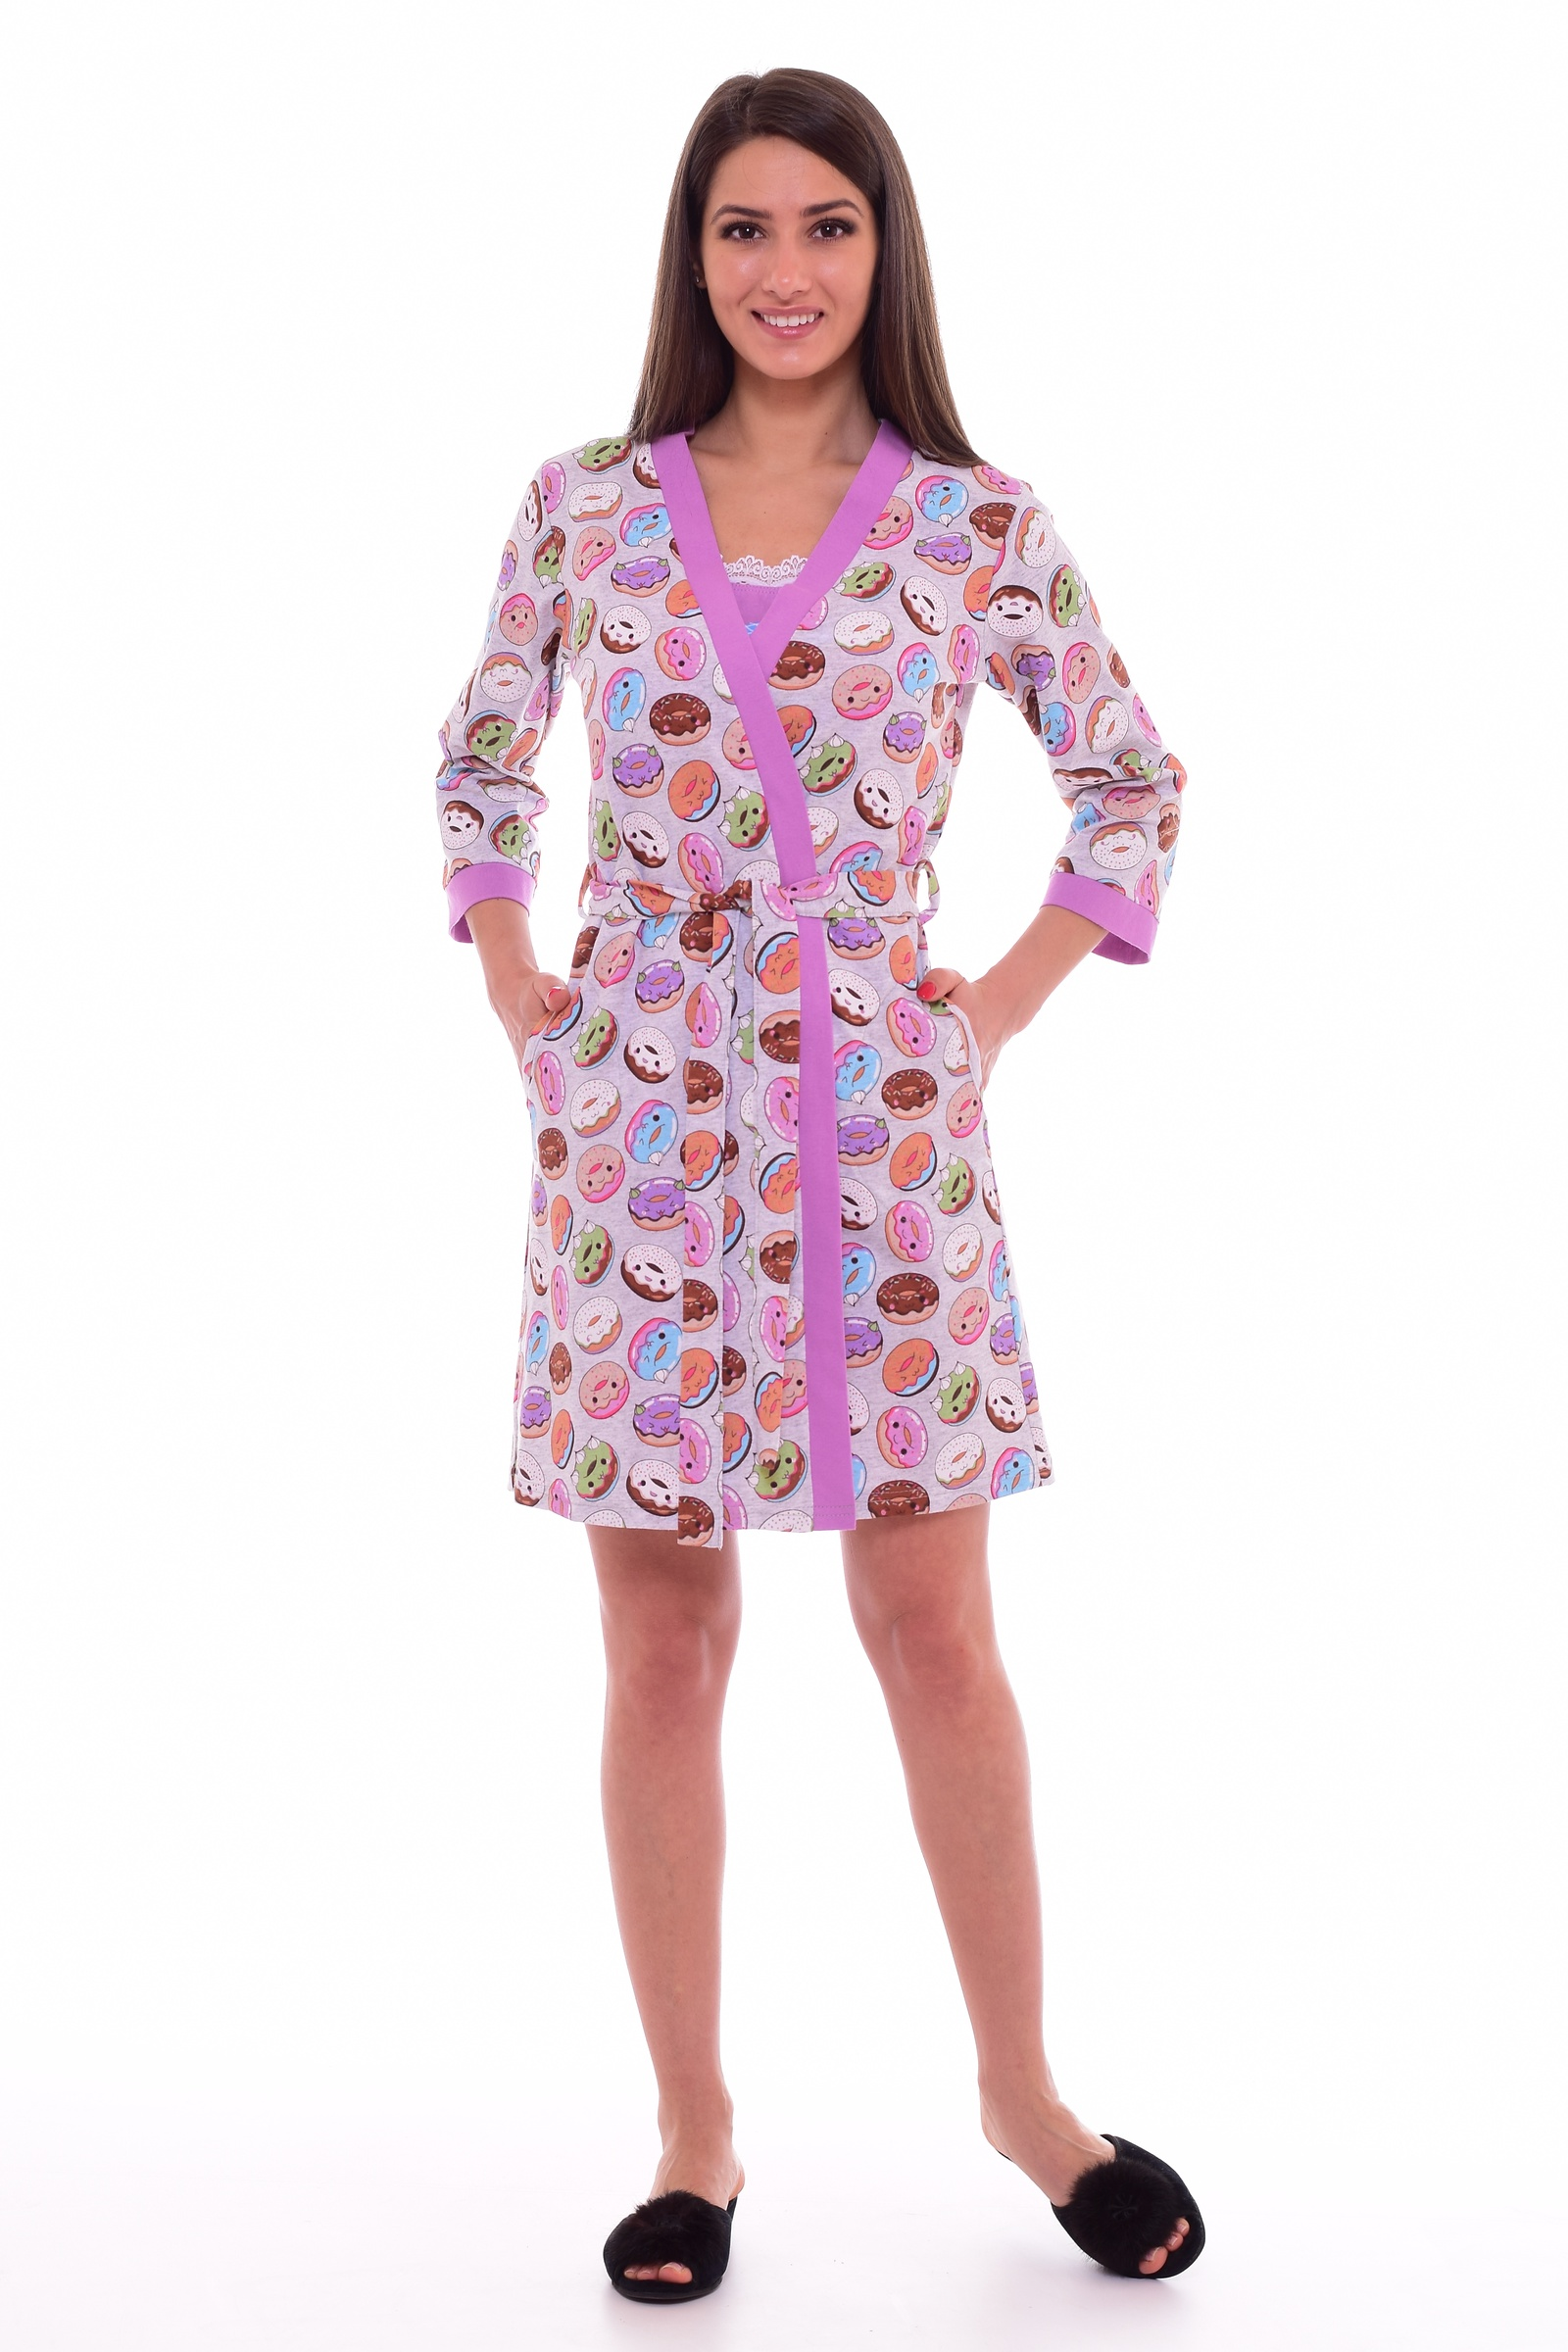 Домашний комплект Новое кимоно домашний комплект женский sevim топ шорты цвет кремовый 10281 sv размер l 44 46